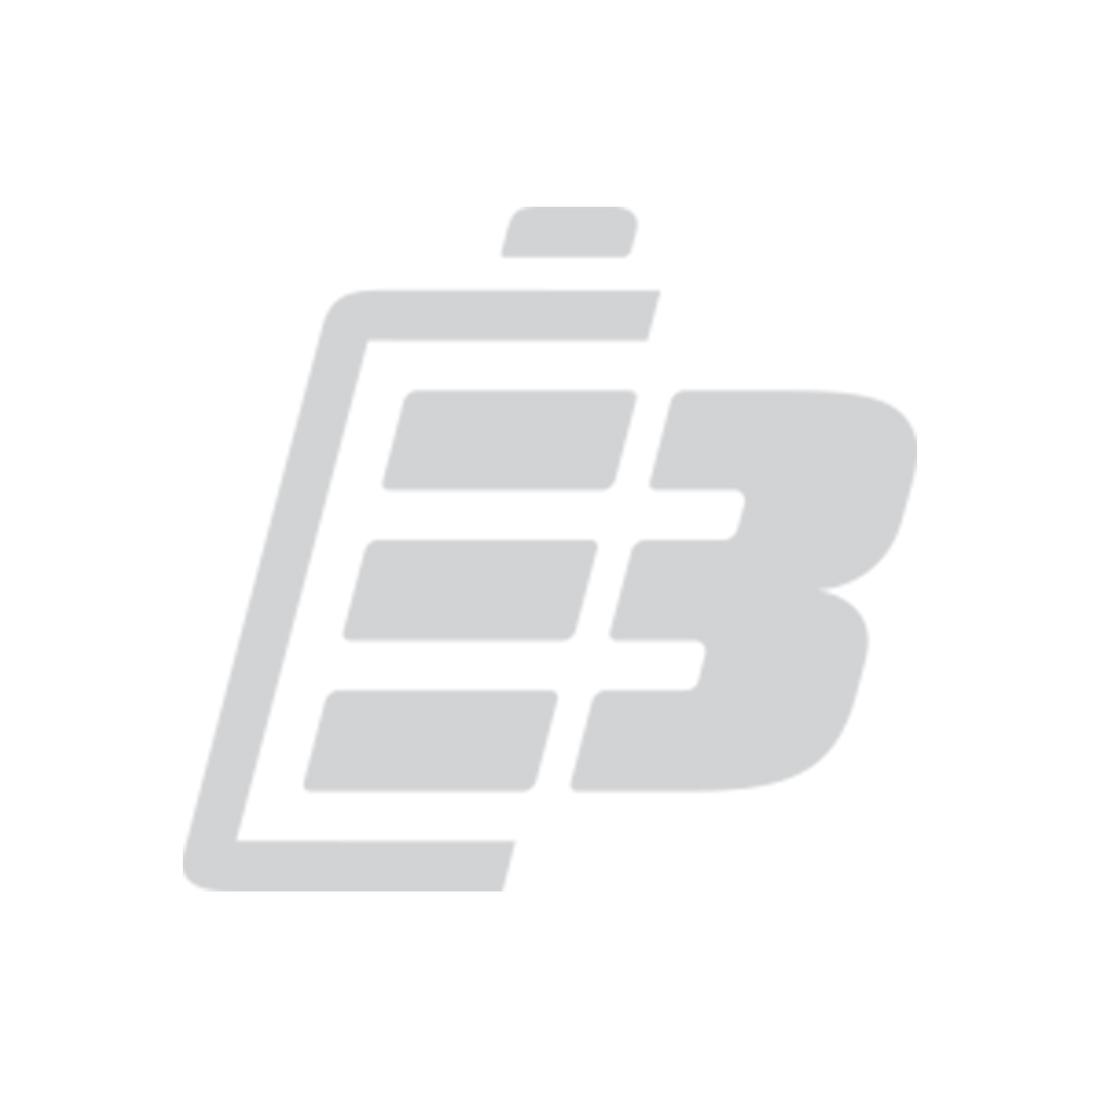 Μπαταρία GPS Fujitsu Pocket Loox N100_1